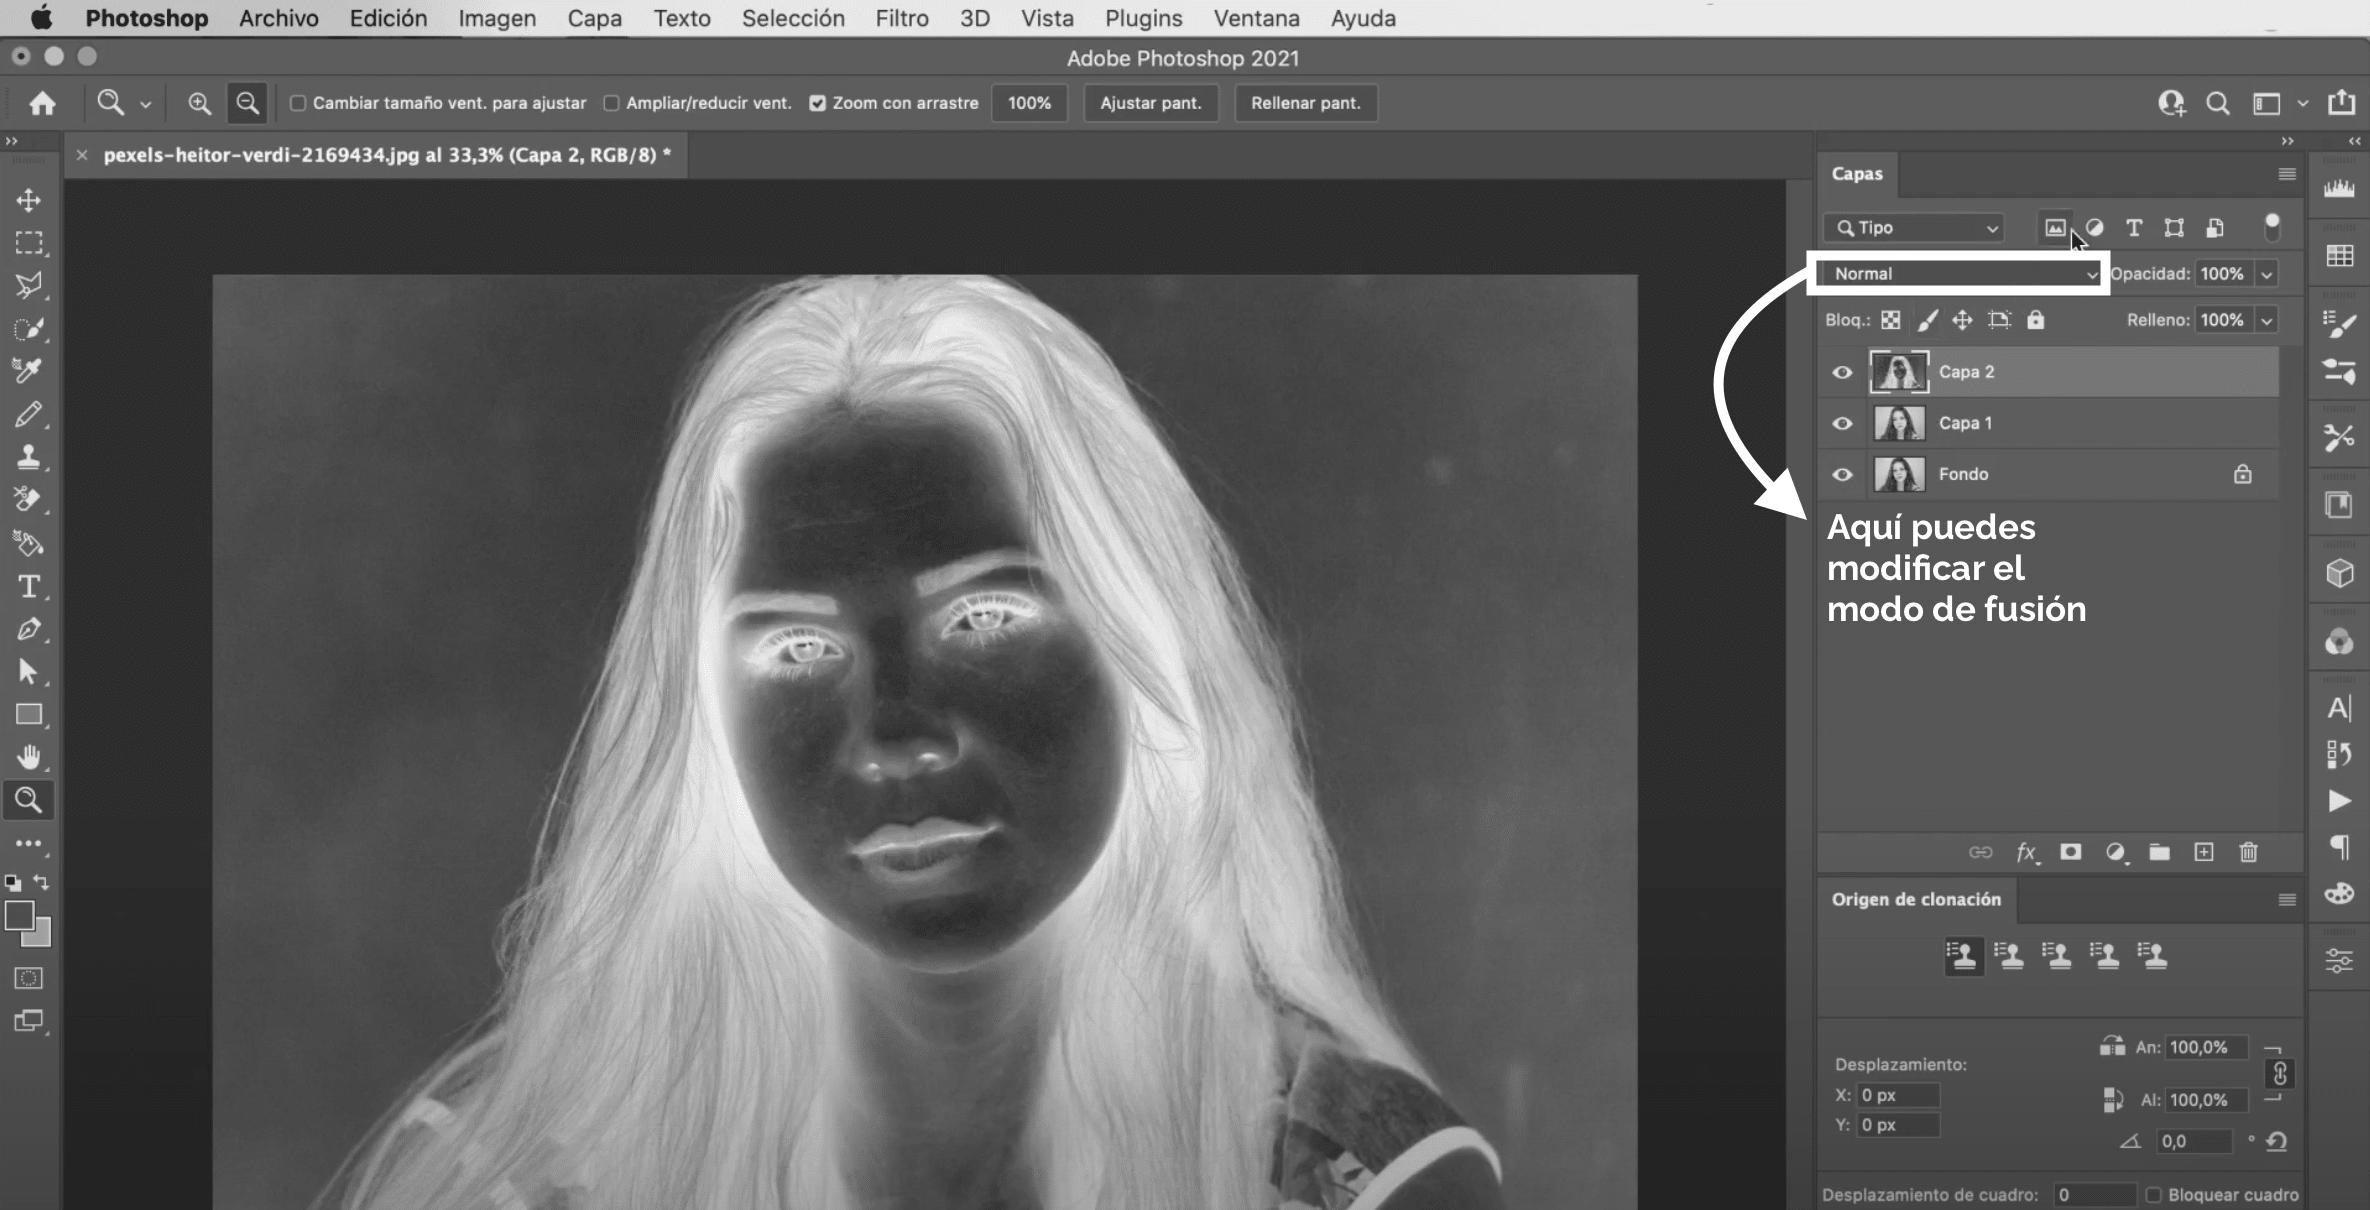 Cambiar el modo de fusión a sobreexponer color en Photoshop